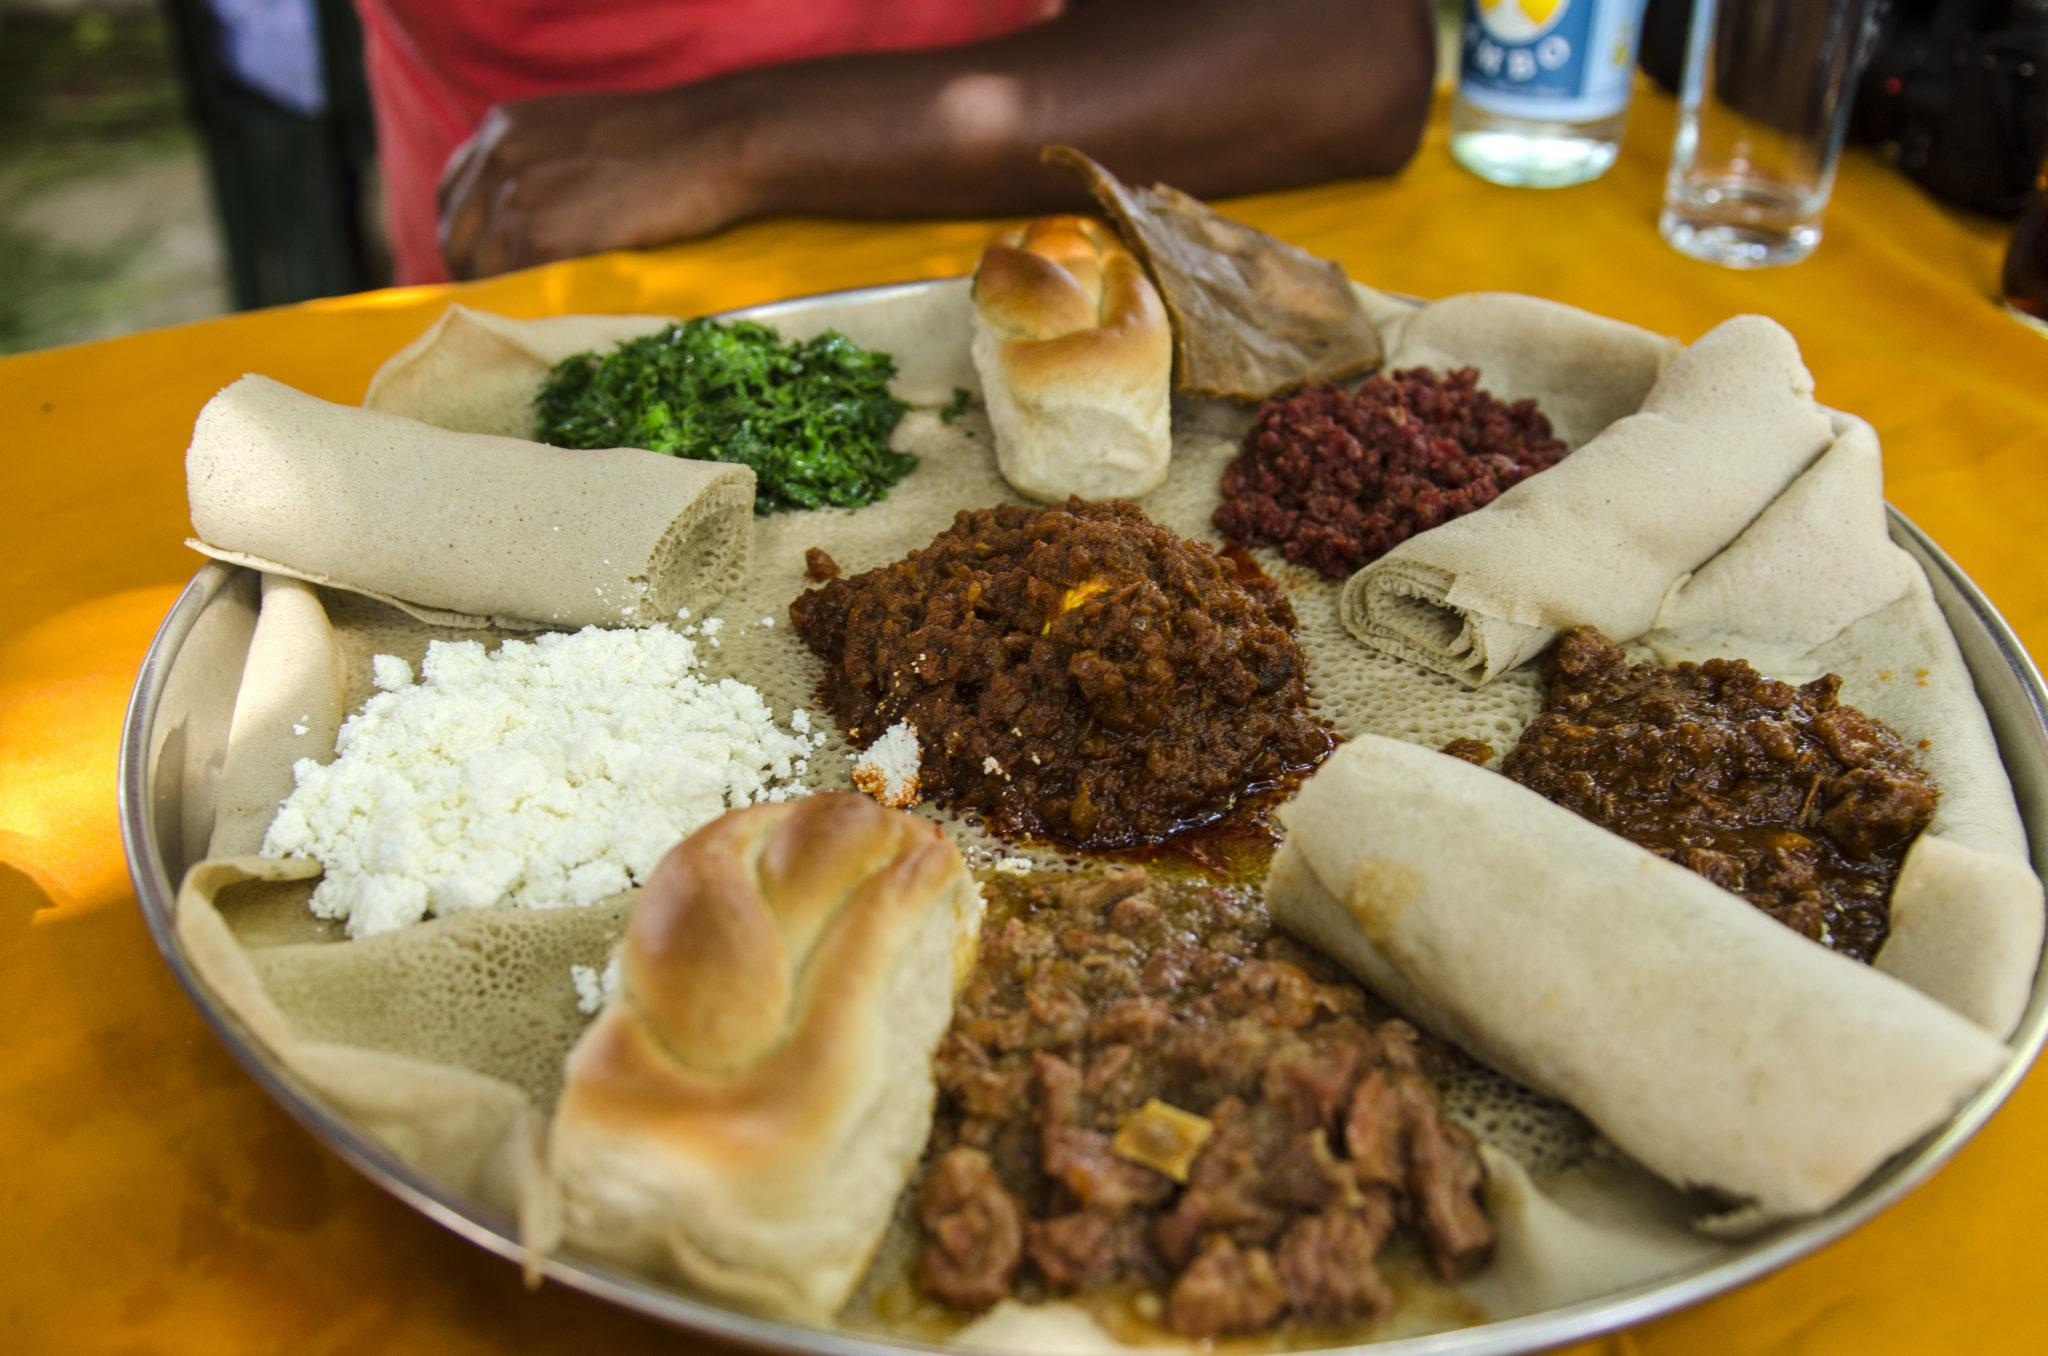 Typisch äthiopisches Essen mit Injera und Sauce